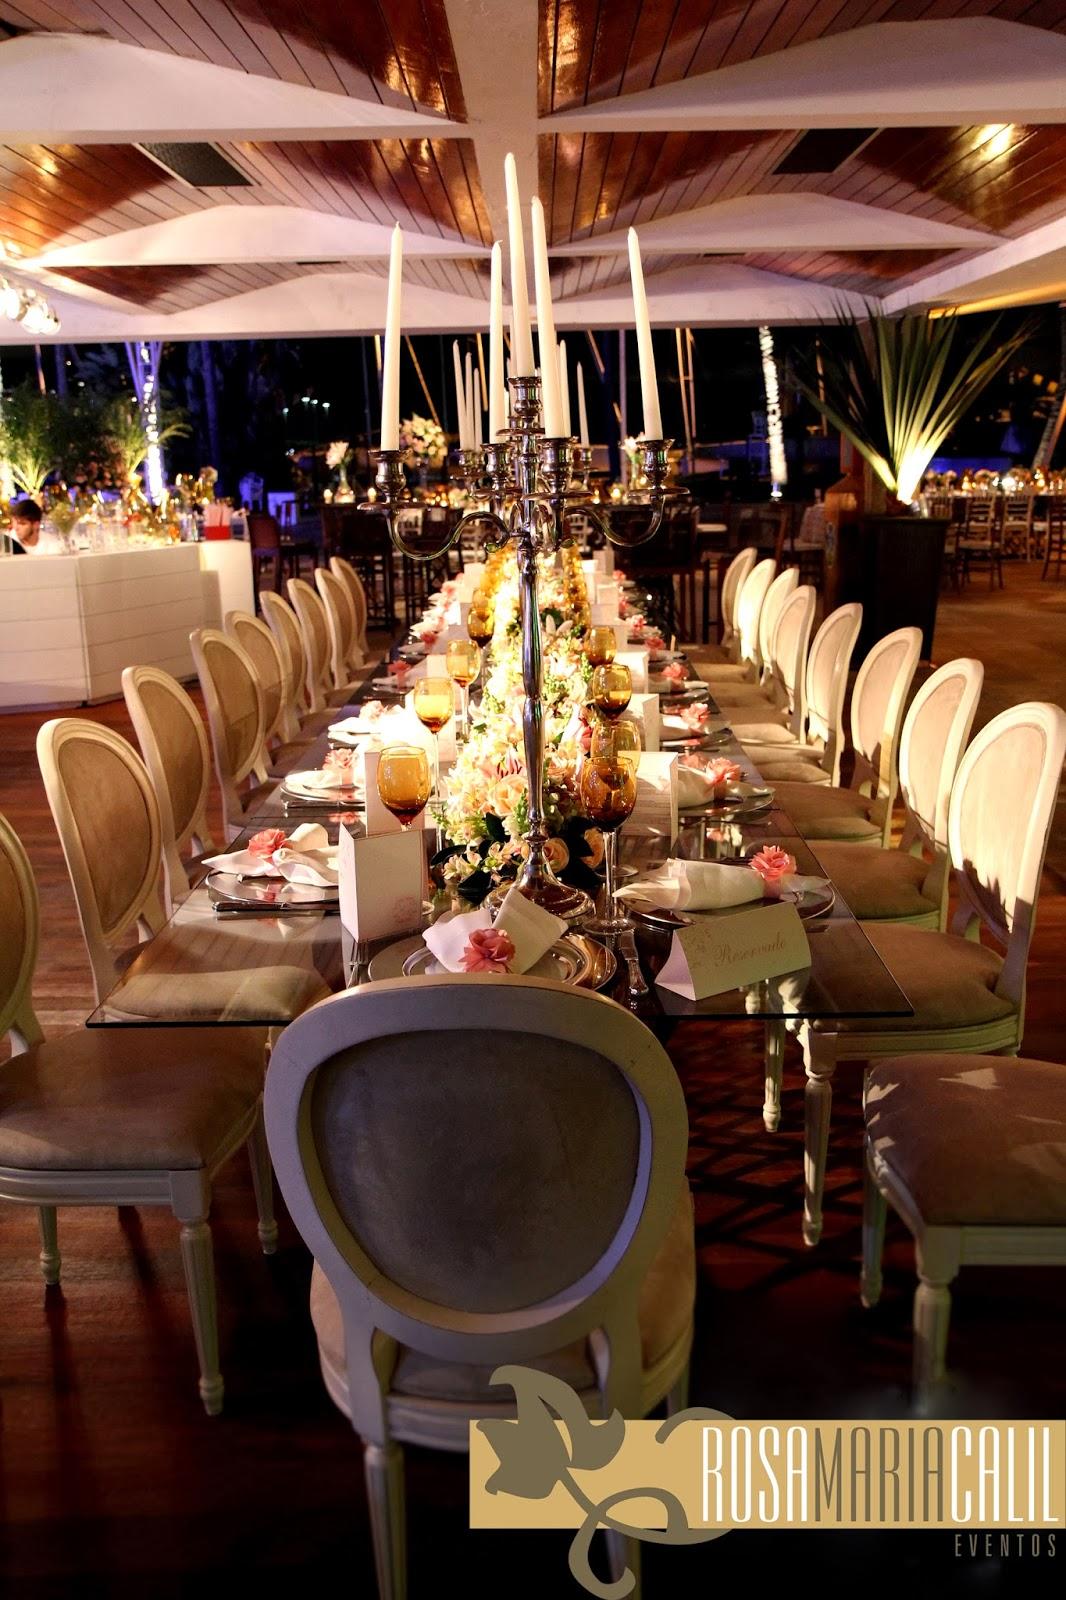 cadeira medalhão, candelabros de prata,arranjos florais, mesa de vidro, rosa maria calil